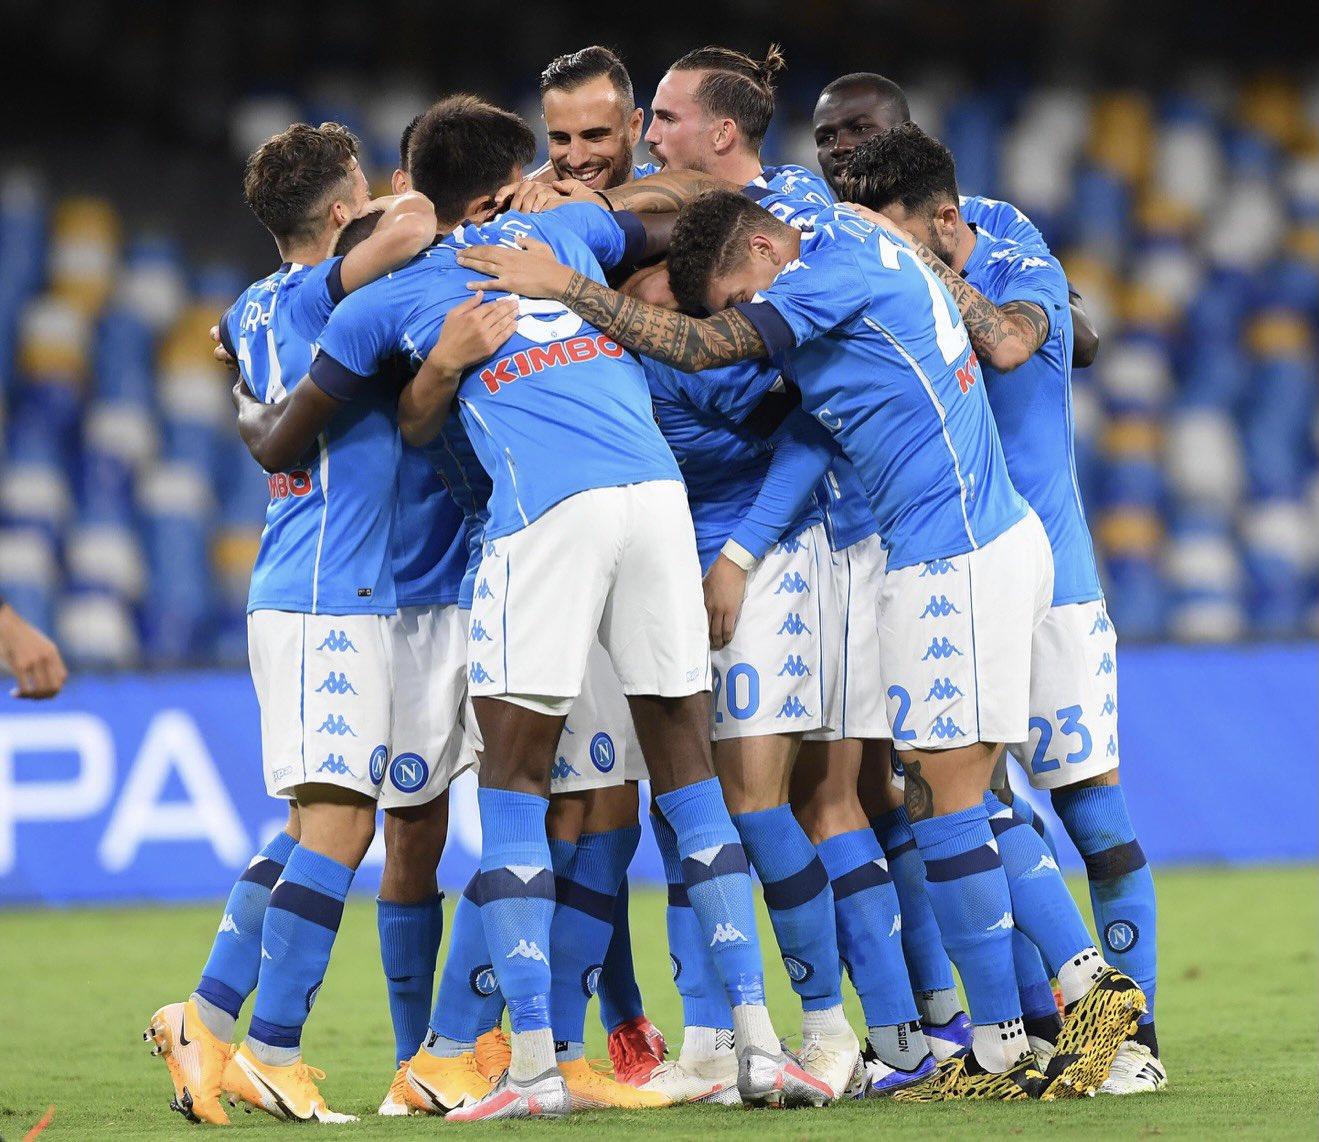 Napoli FC